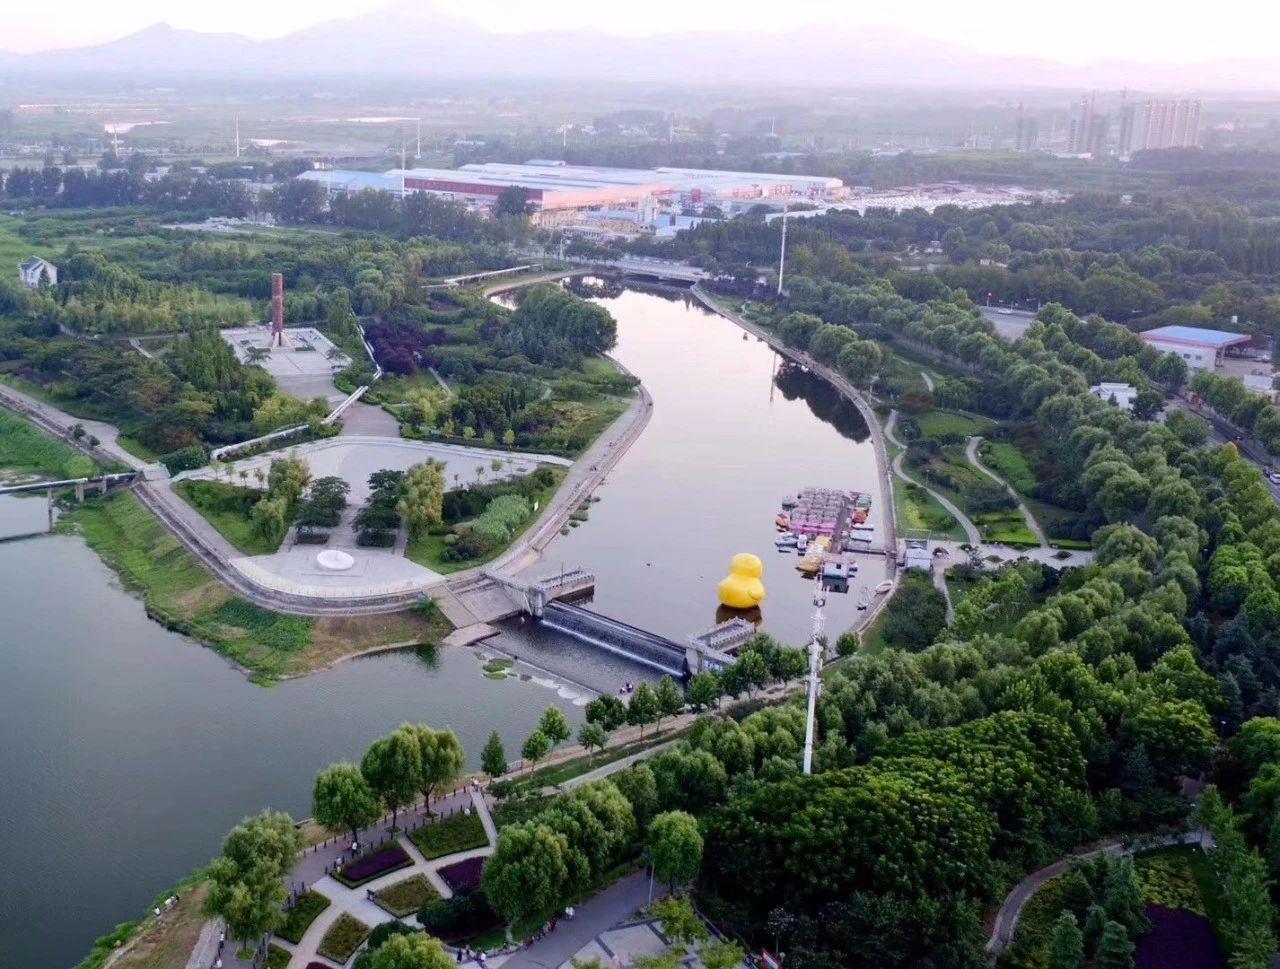 免费对外开放!驻马店市区再添一大型公园!吊桥、亭台楼阁、大型广场…